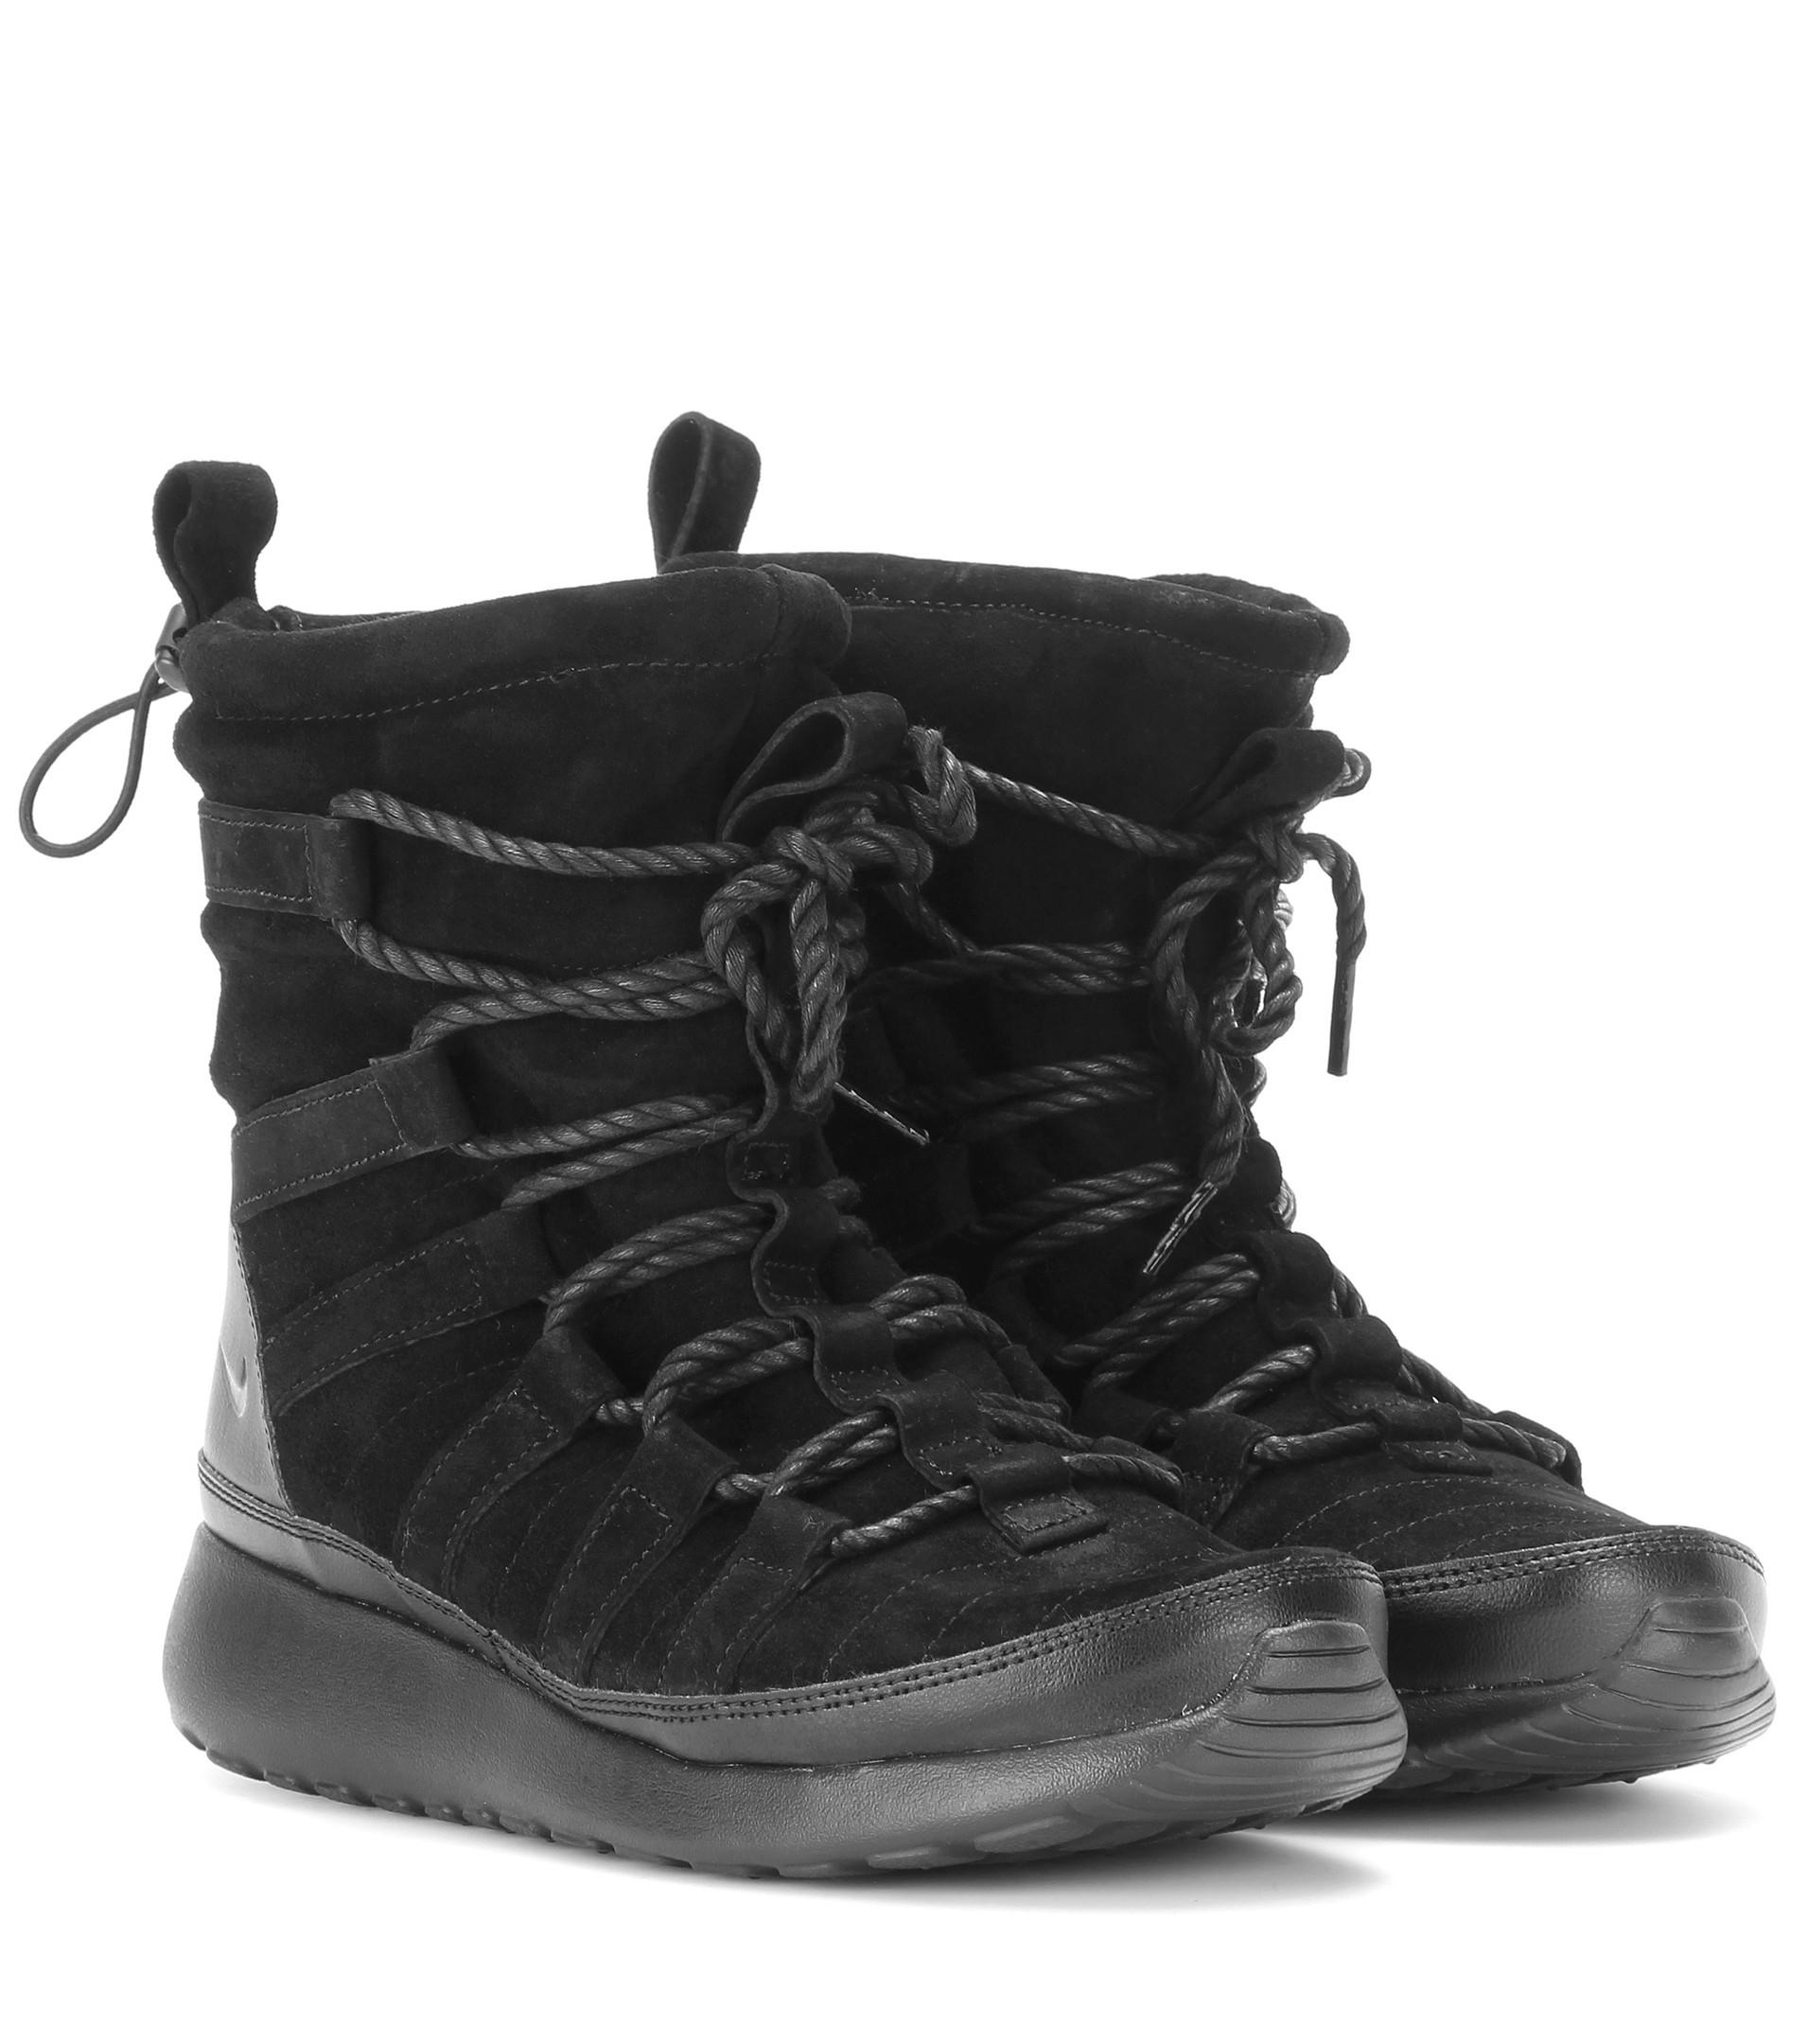 Lyst - Nike Roshe One Suede High-Top Sneakers in Black